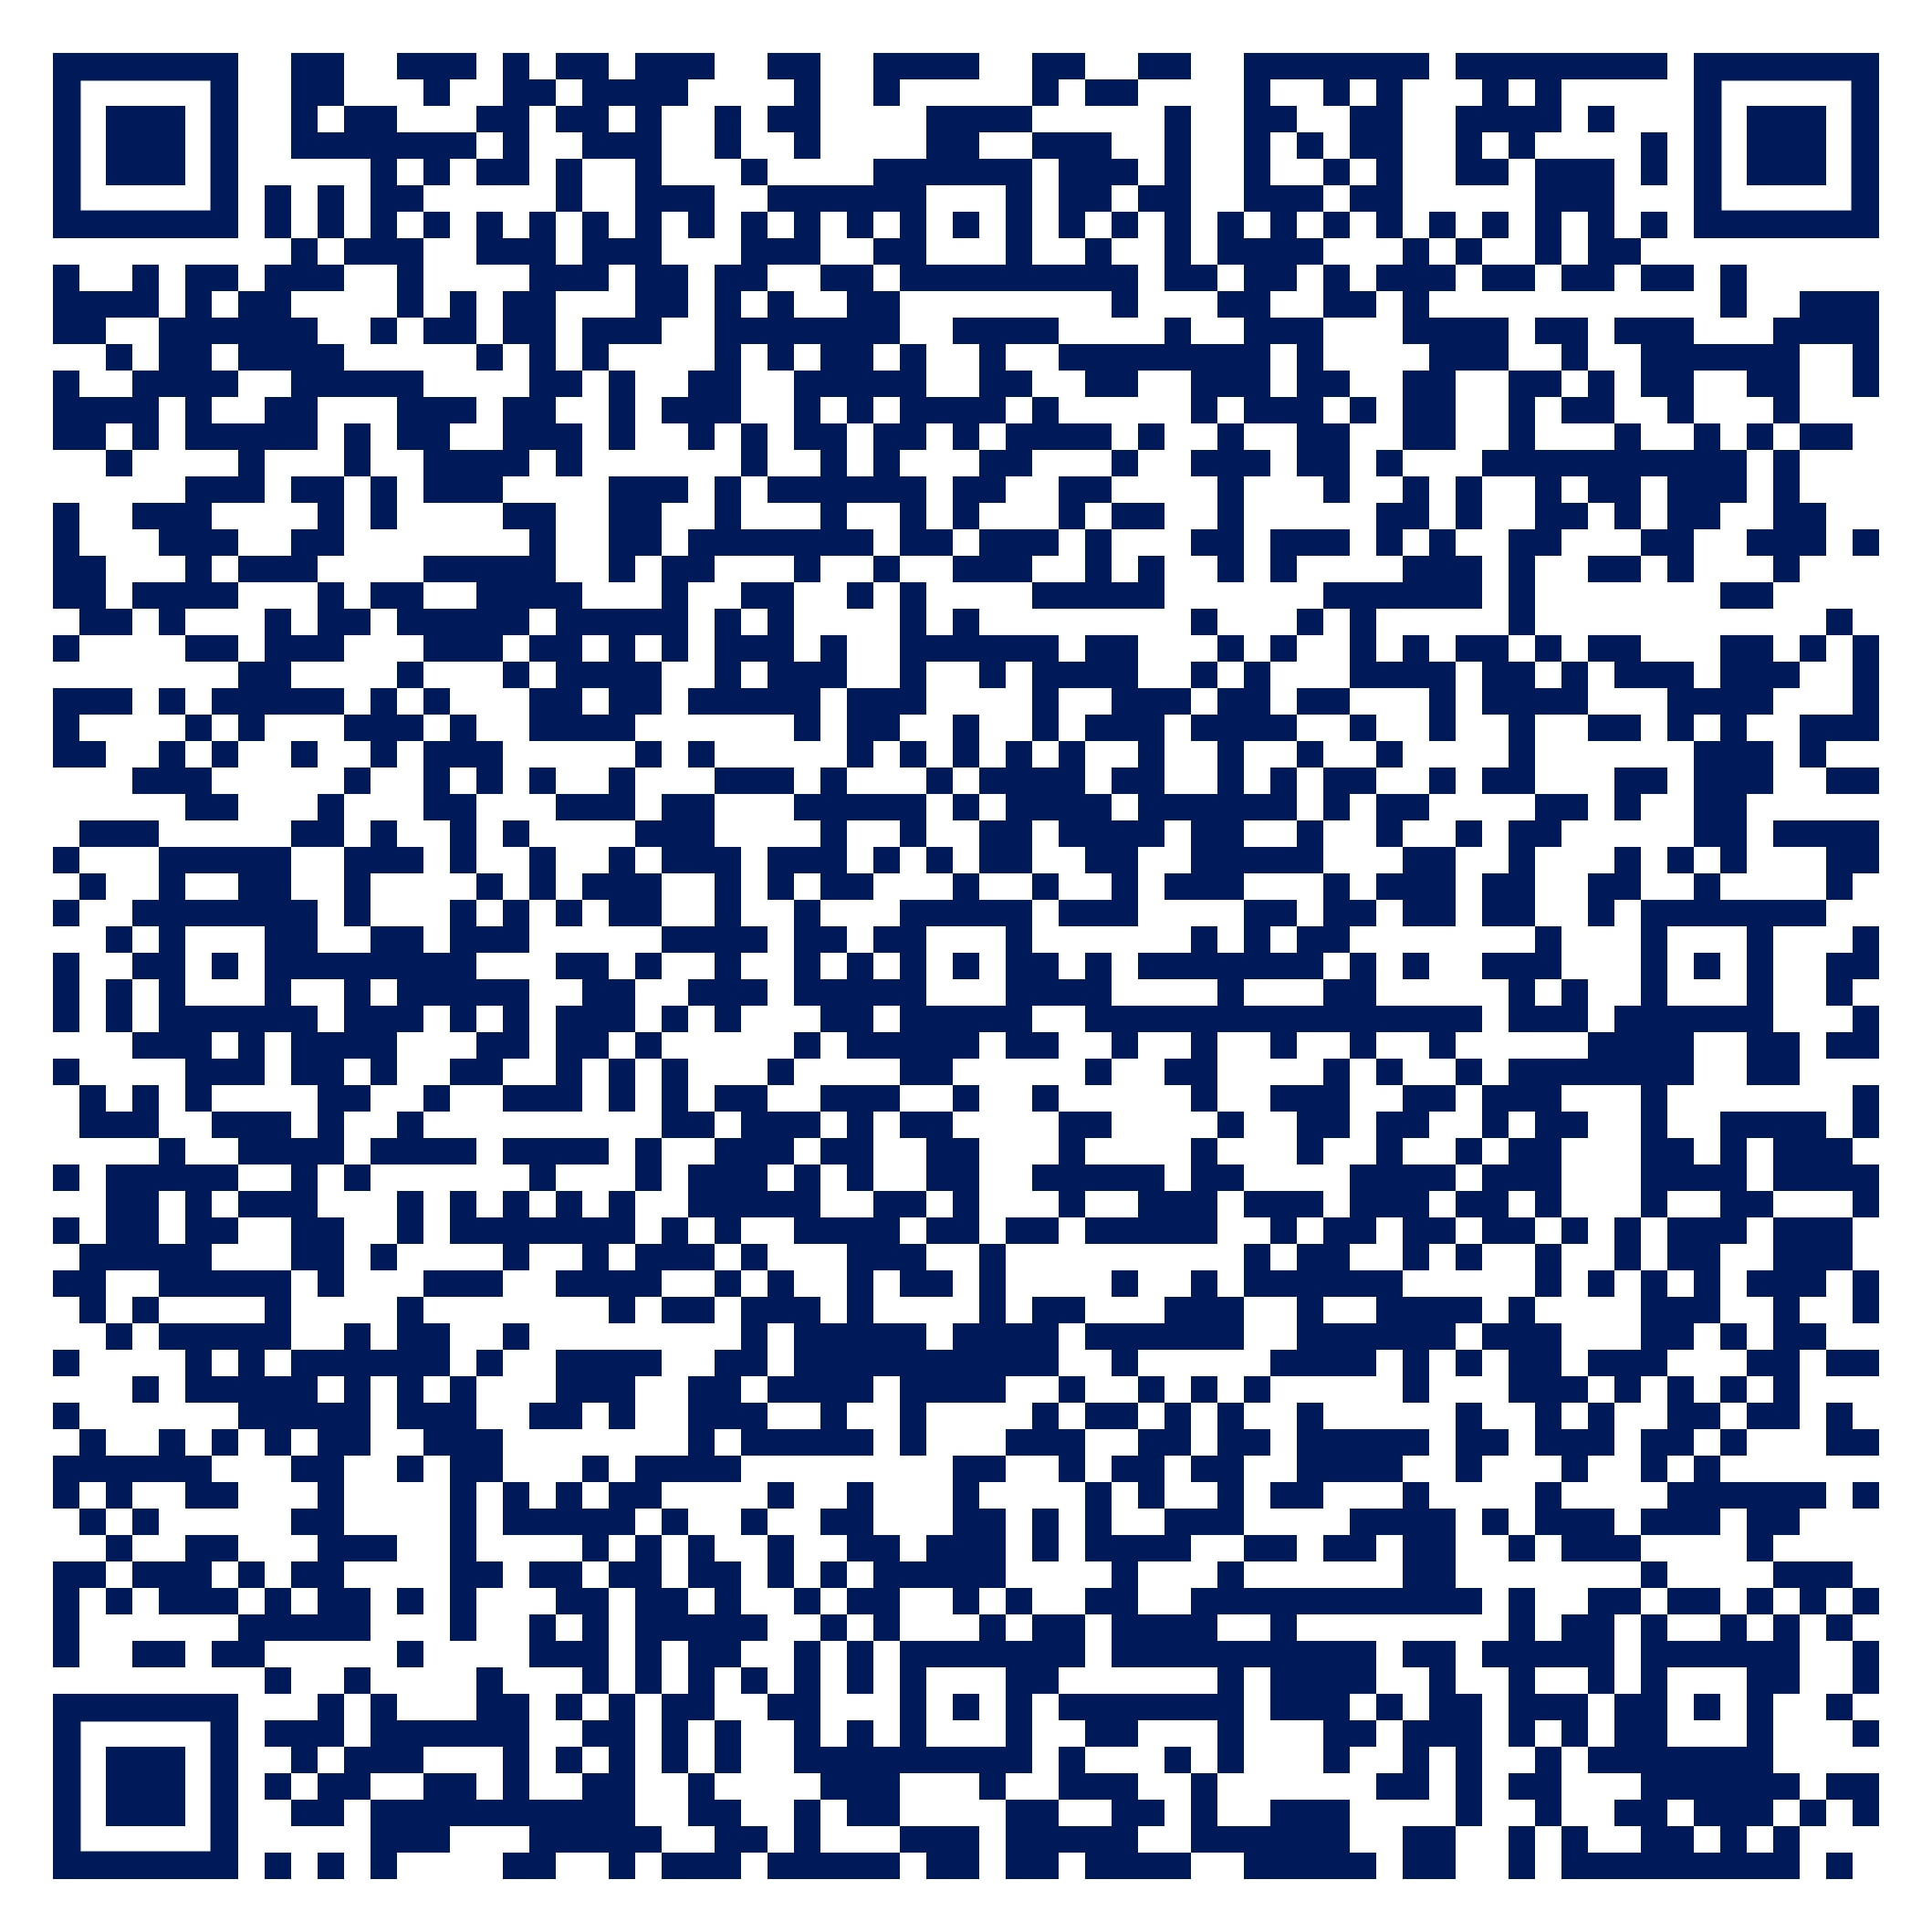 Escanea el código QR